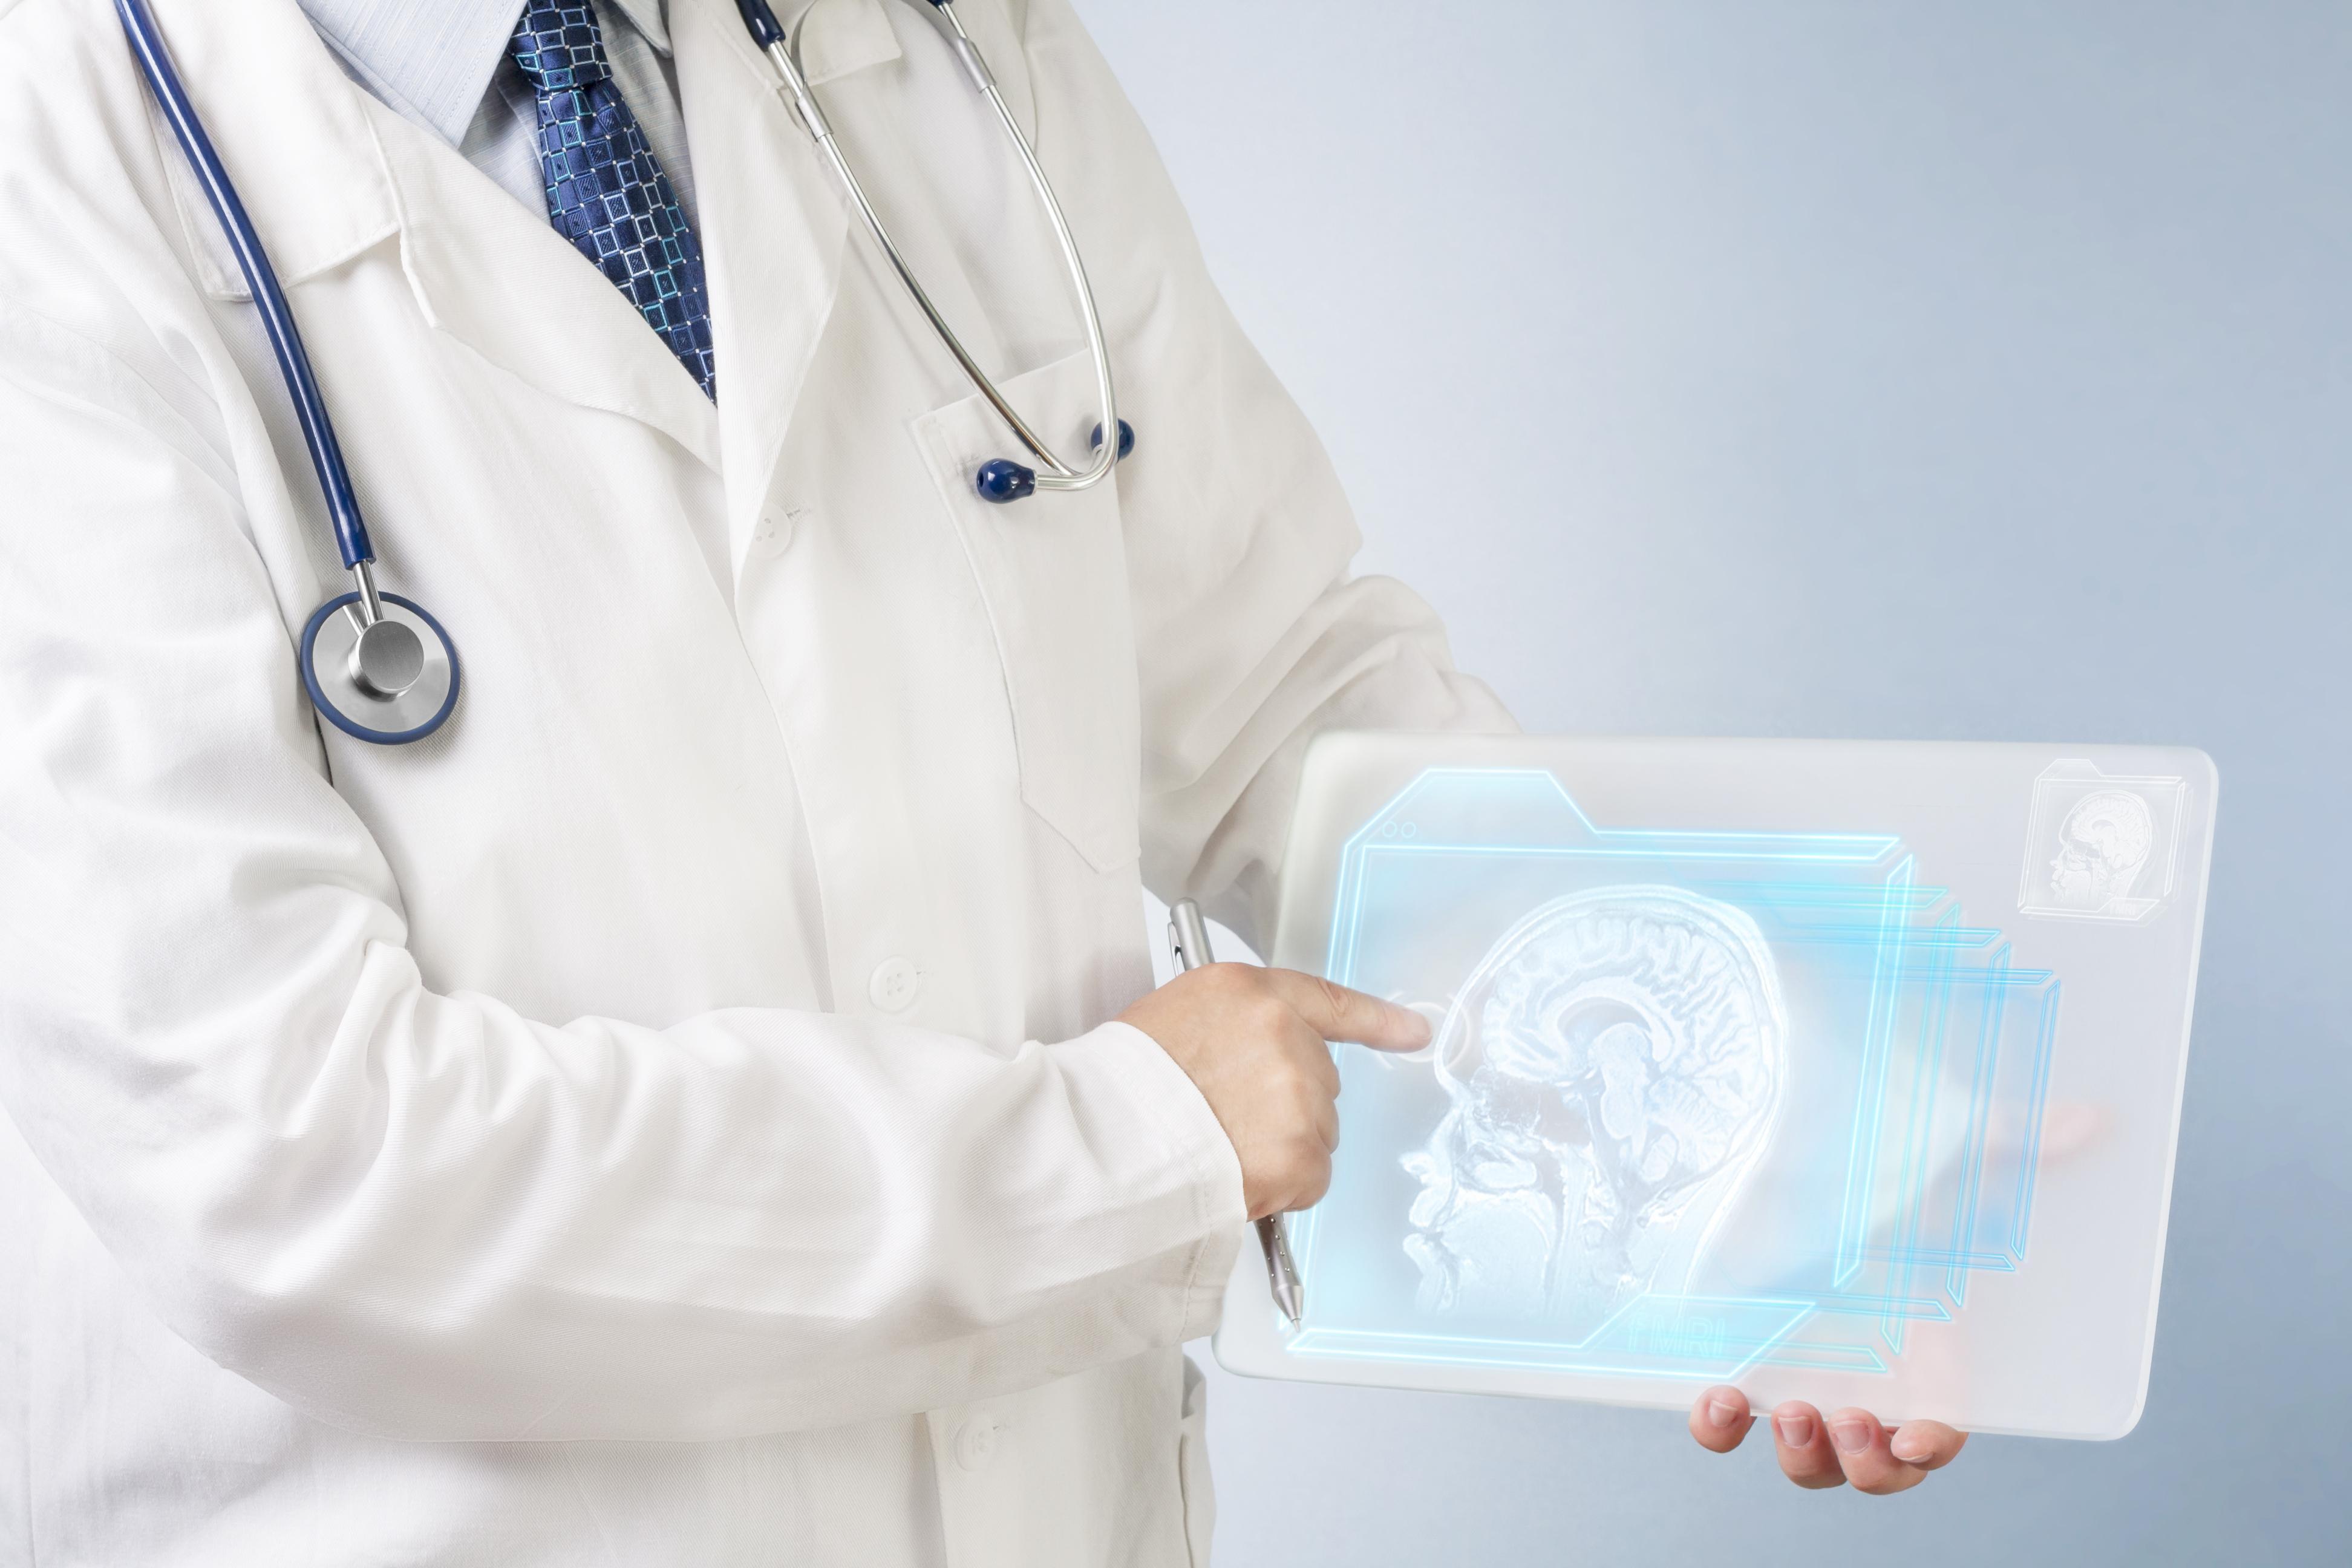 neurolog dla dorosłych warszawa mokotów prywatnie